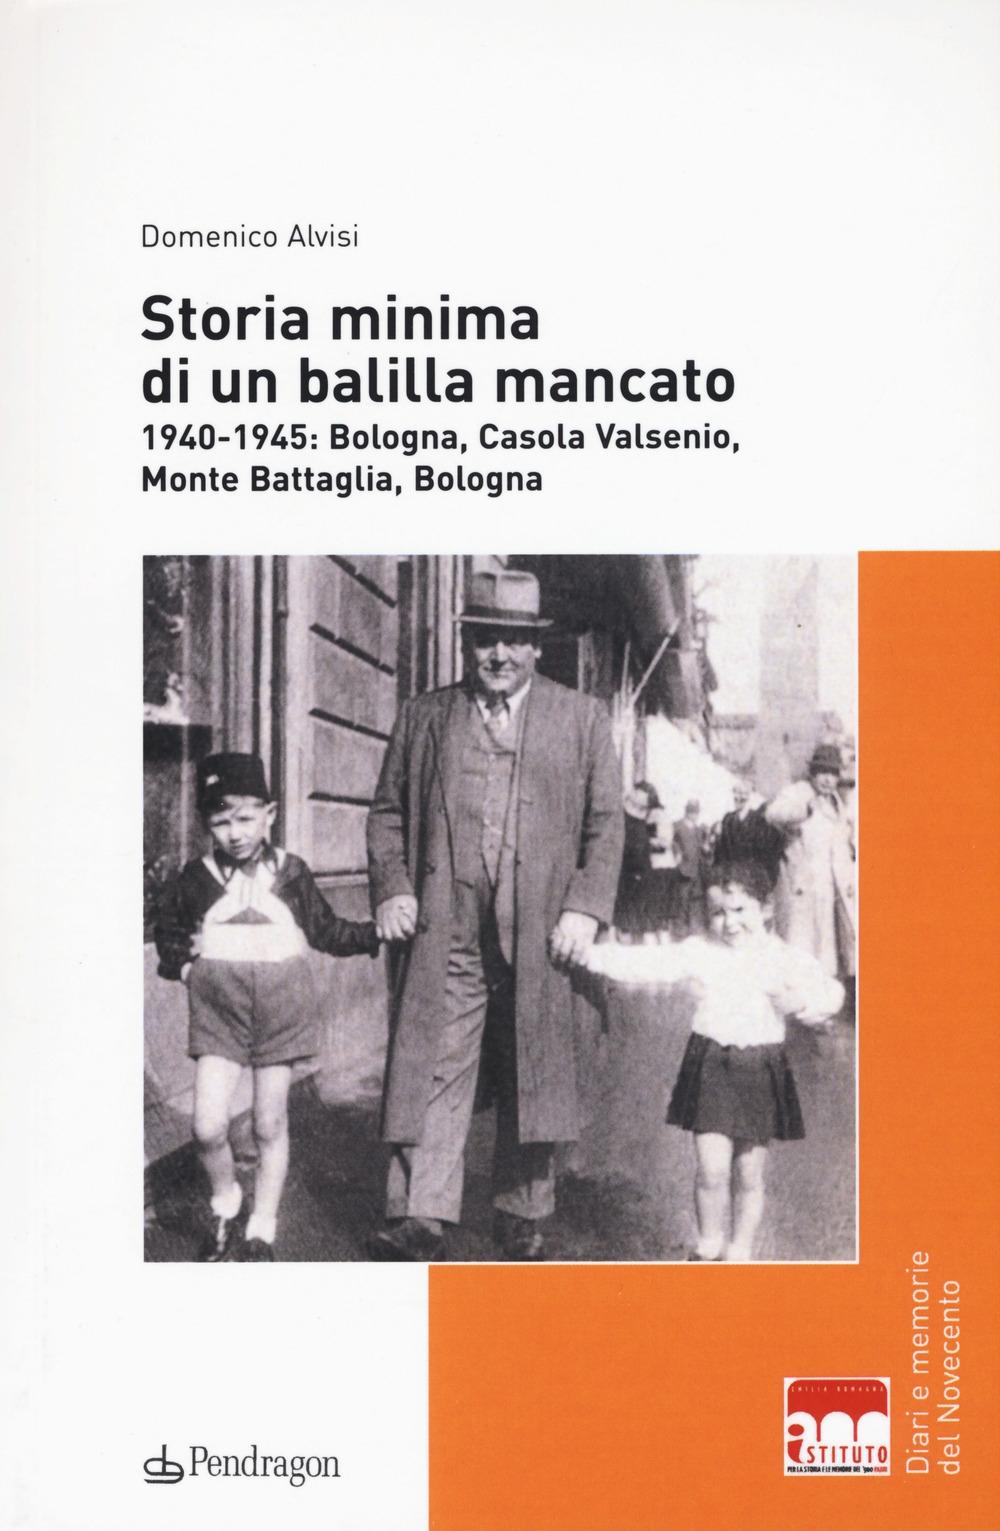 Storia minima di un balilla mancato. 1940-1945: Bologna, Casola Valsenio, Monte Battaglia, Bologna